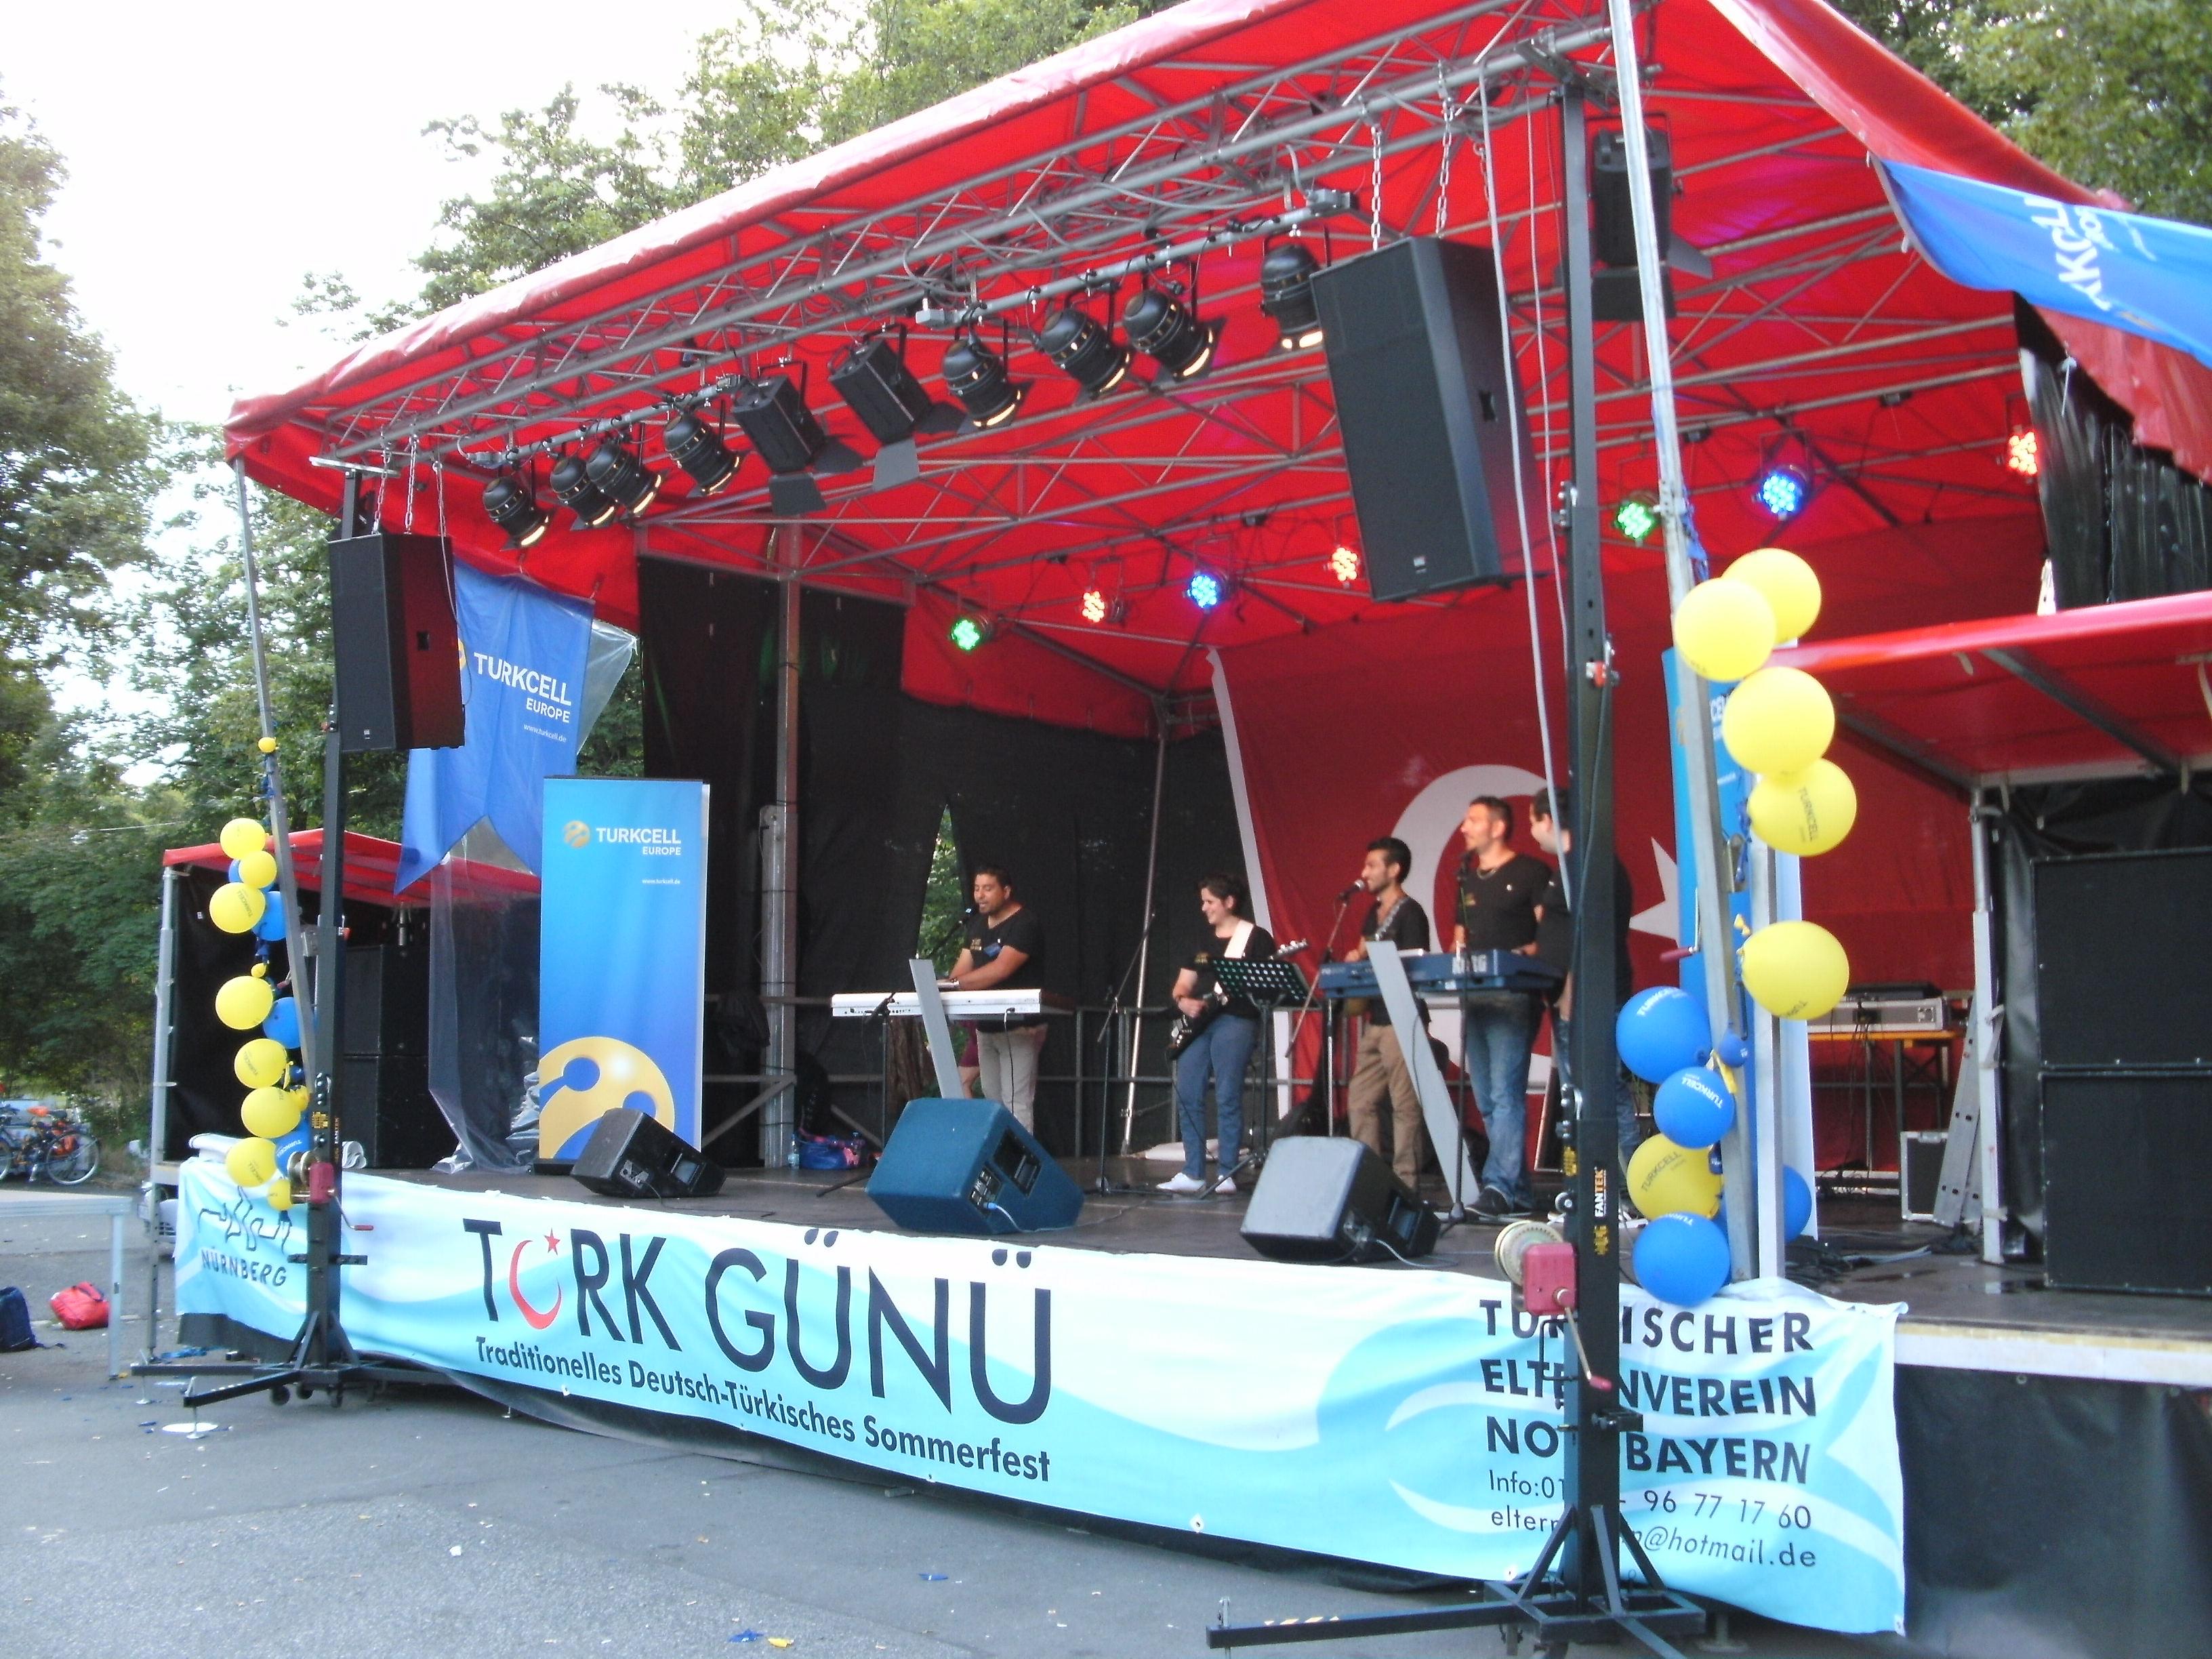 Festival Nürnberg Bühnen Technik